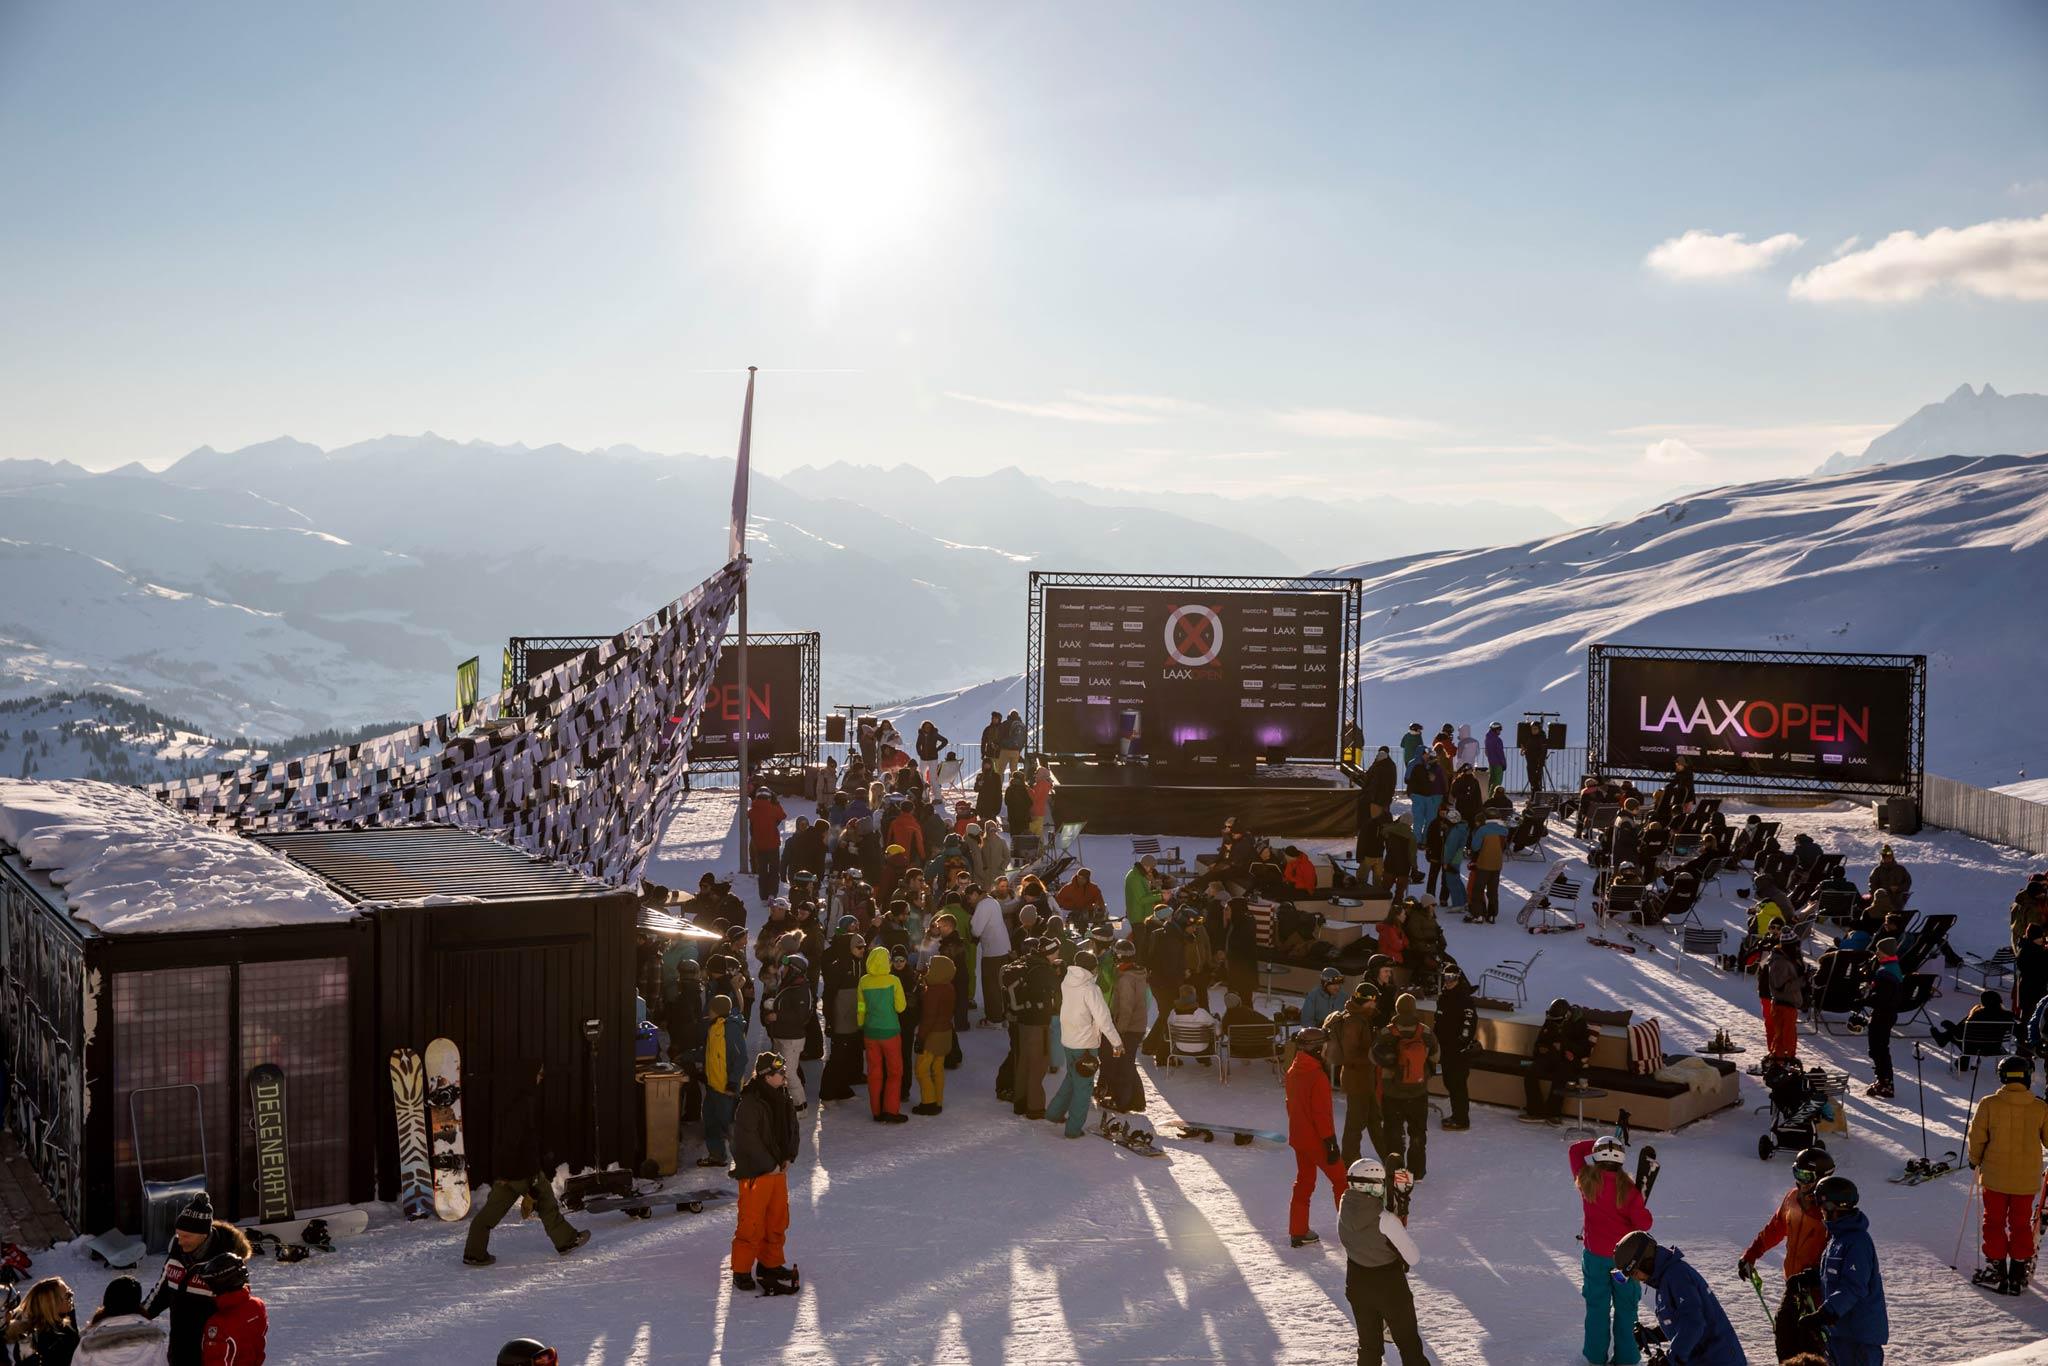 Auch für die LAAX Open 2020 werden wieder viele Zuschauer direkt am Halfpipe sowie Slopestyle Kurs erwartet. - Foto: Stadler